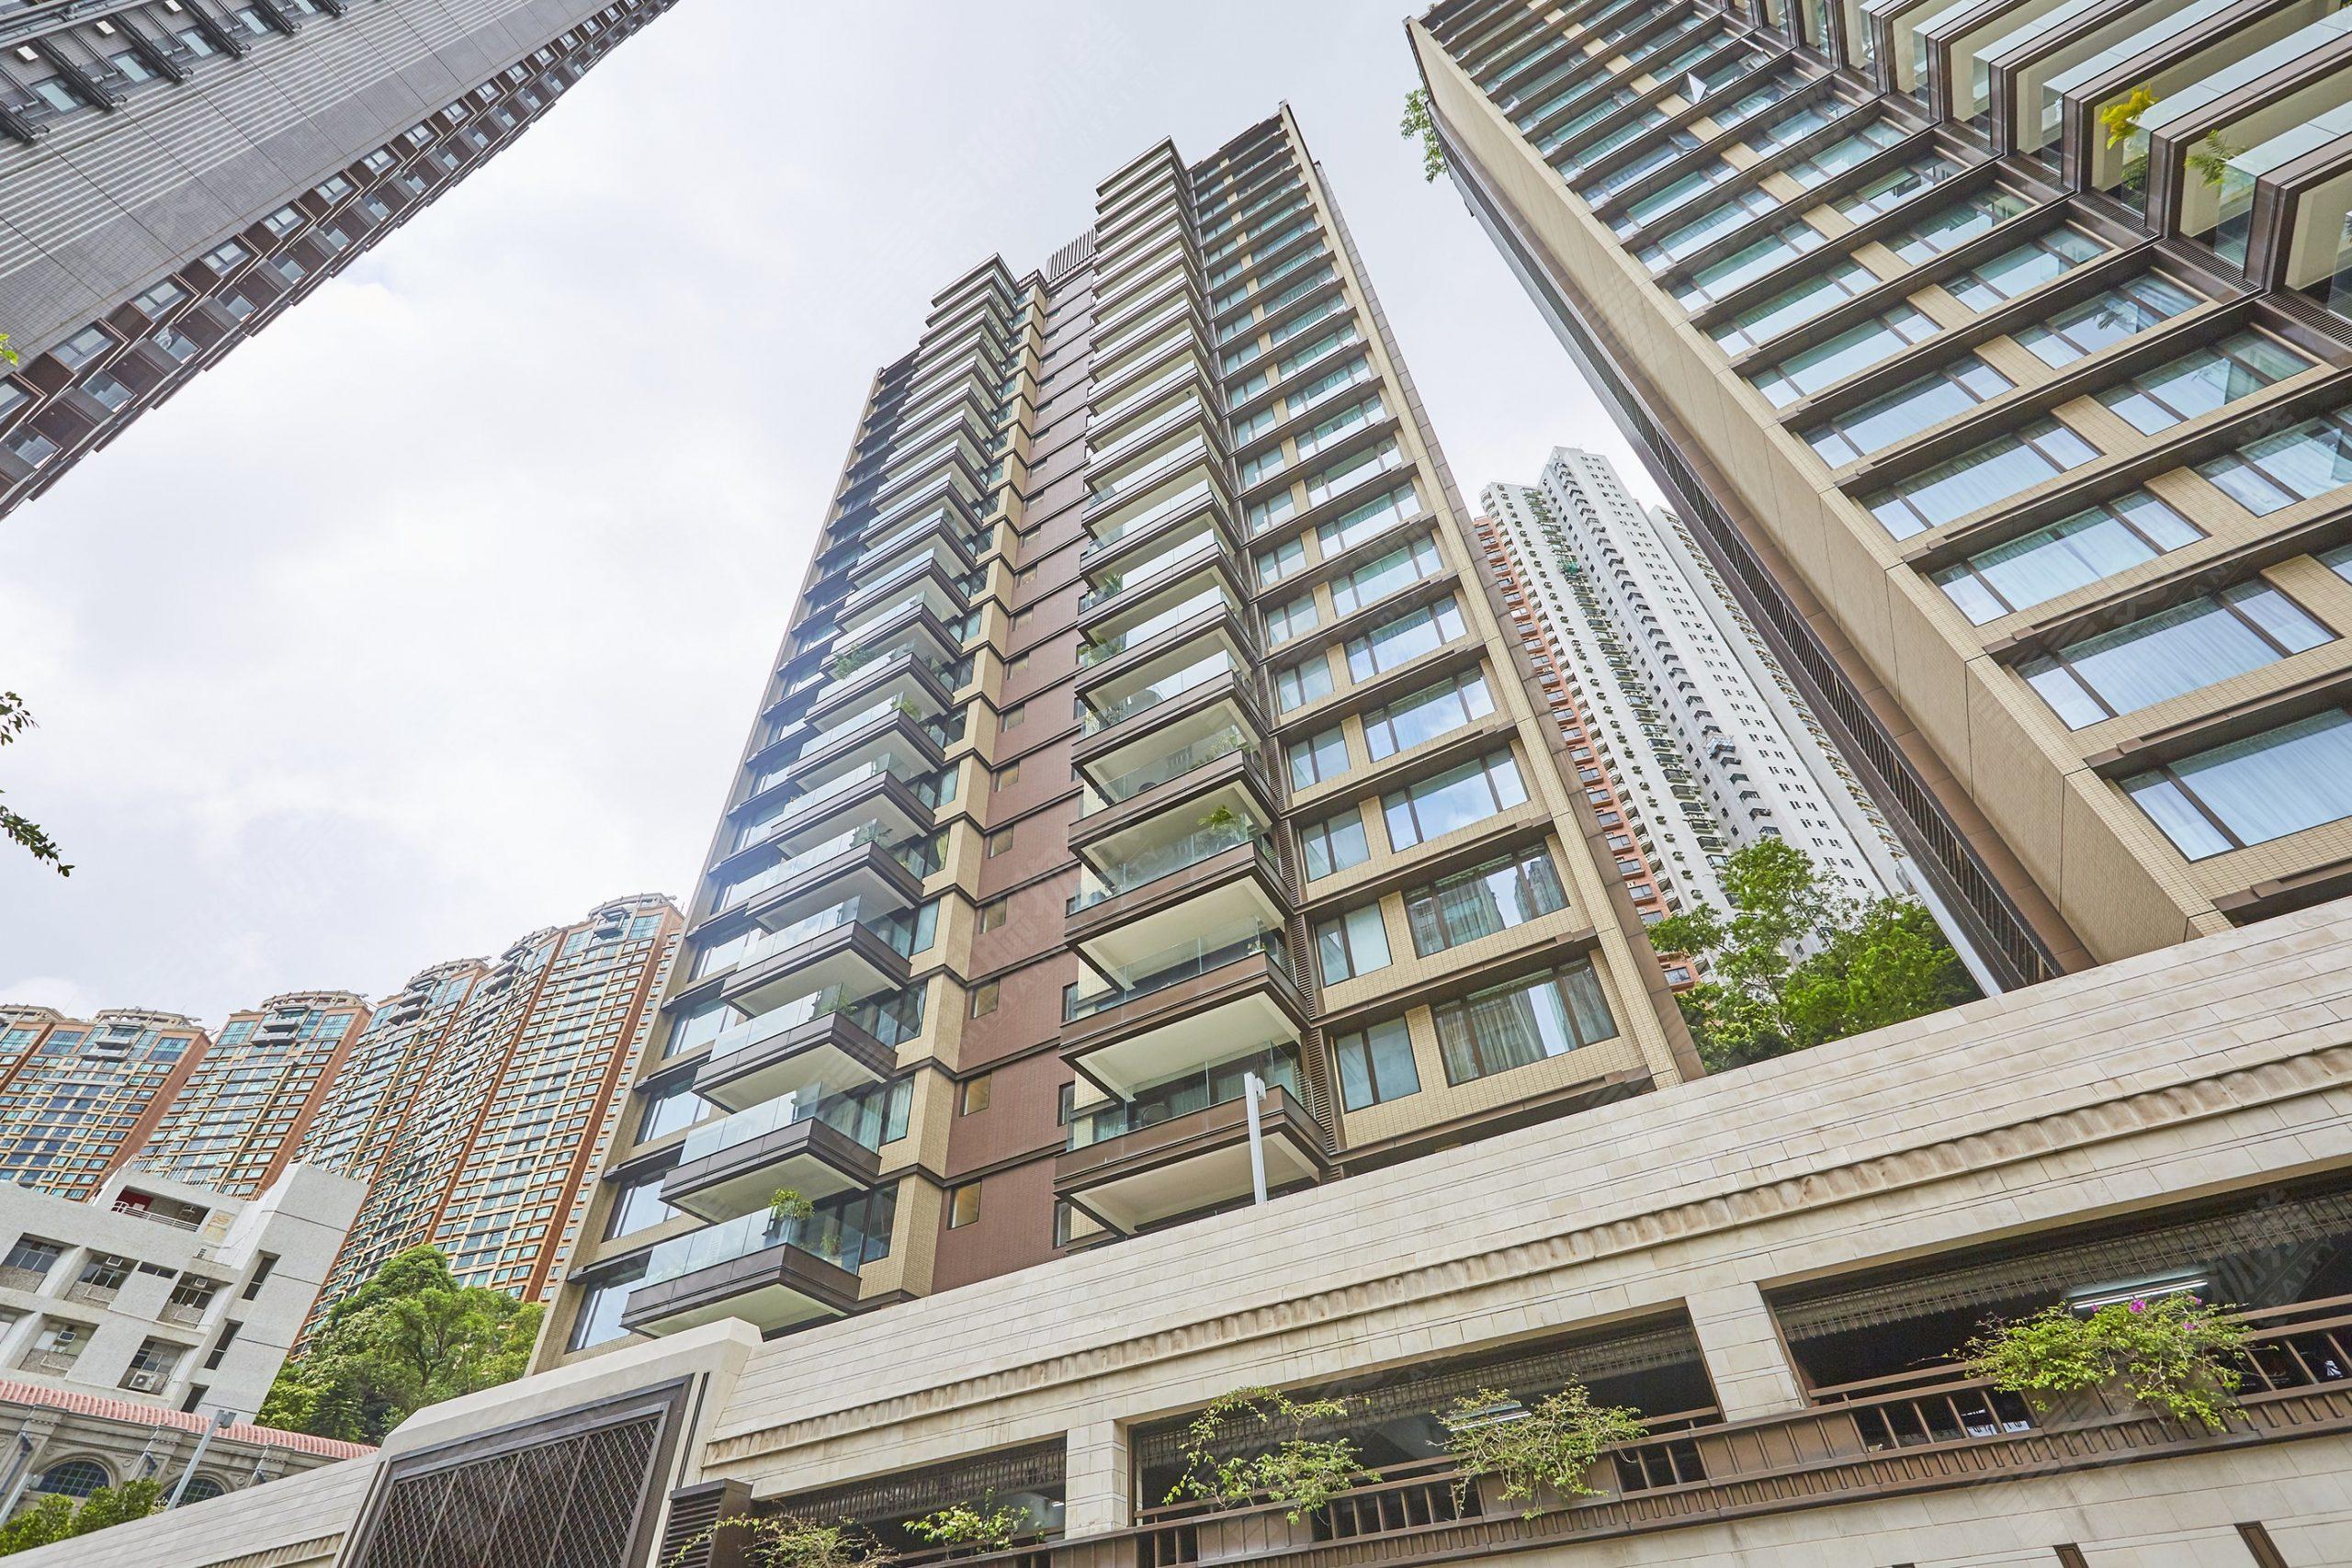 JS - Aluminium Windows in Hong Kong 香港優質鋁窗公司 – Aliplast - Ventris Road 雲地利道